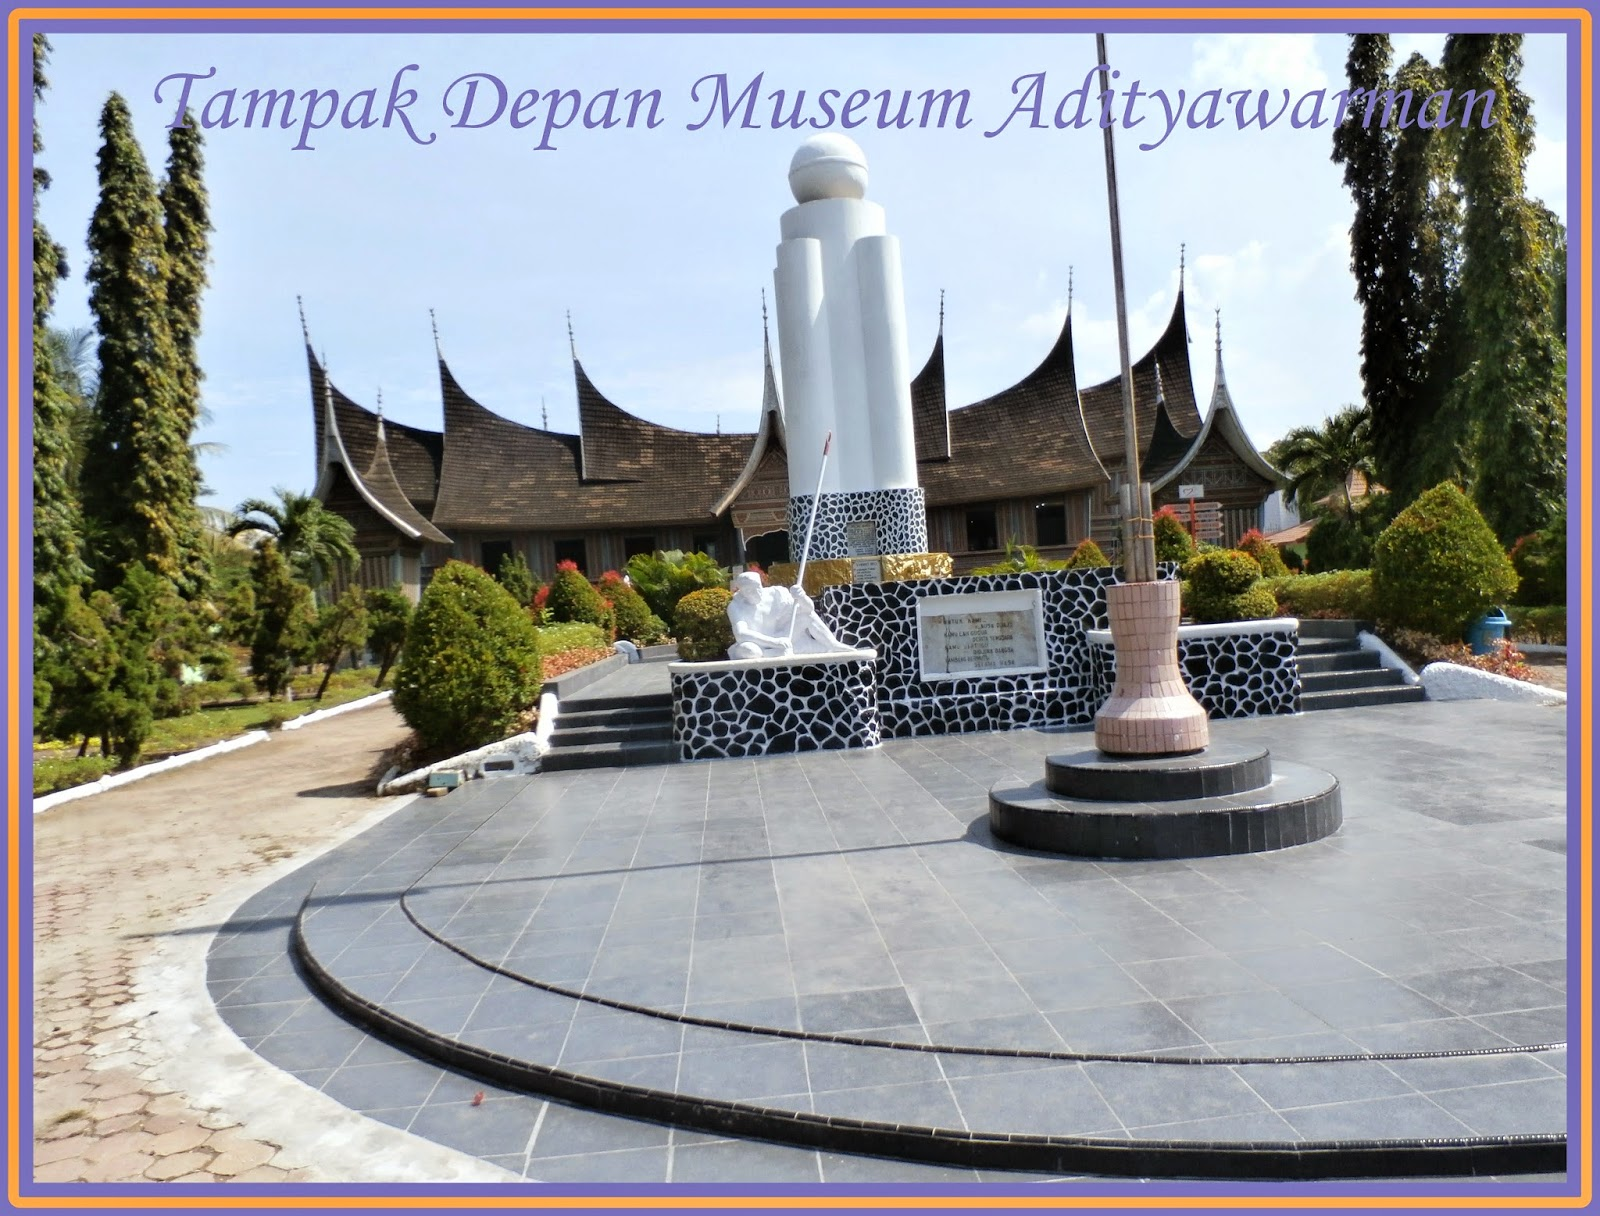 Mamahtira Jalan Kota Padang Museum Adityawarman Asri Berkunjung Sebuah Menyempatkan